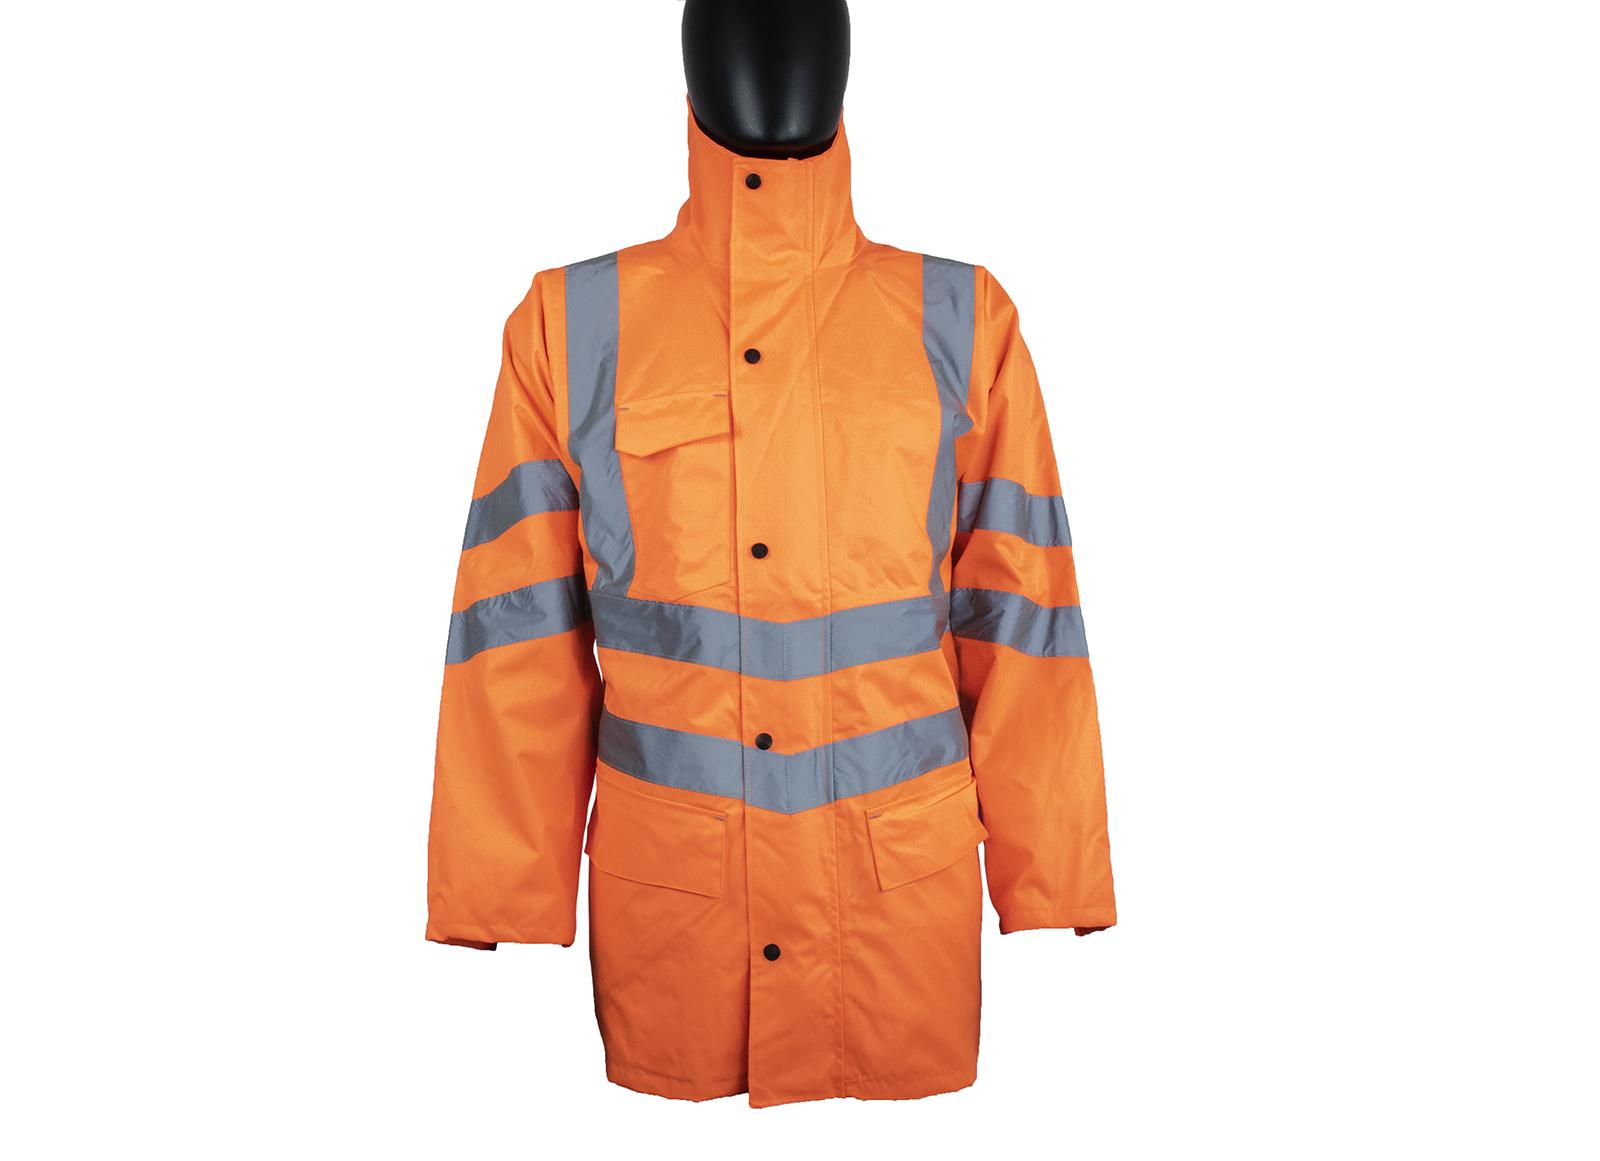 Railguard Waterproof Storm Coat w/ Contoured neckline with storm collar